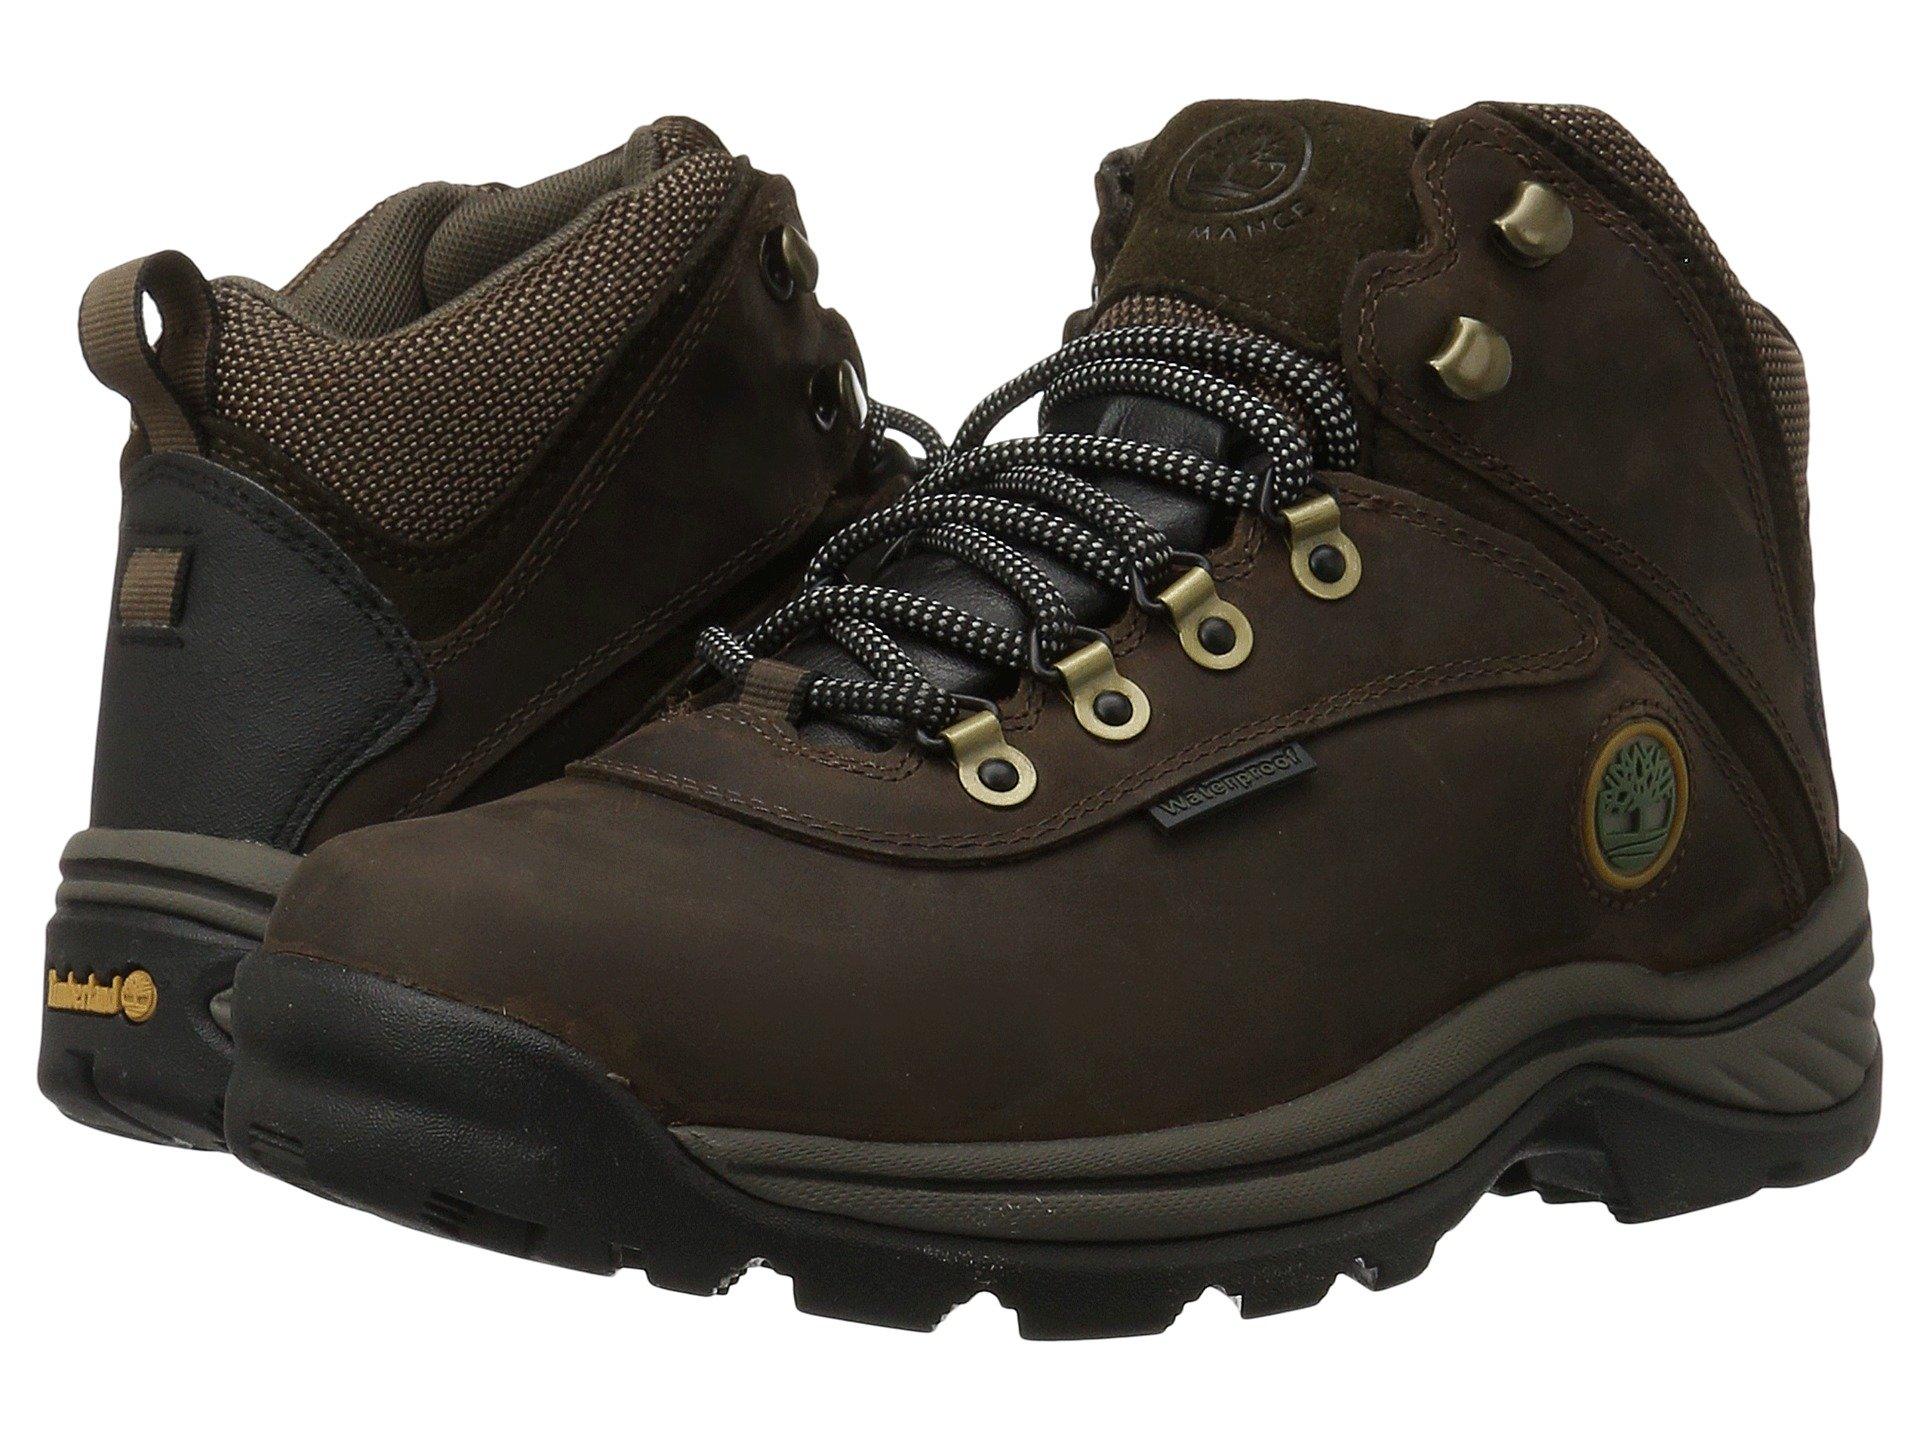 Best Hiking Boots Under $100